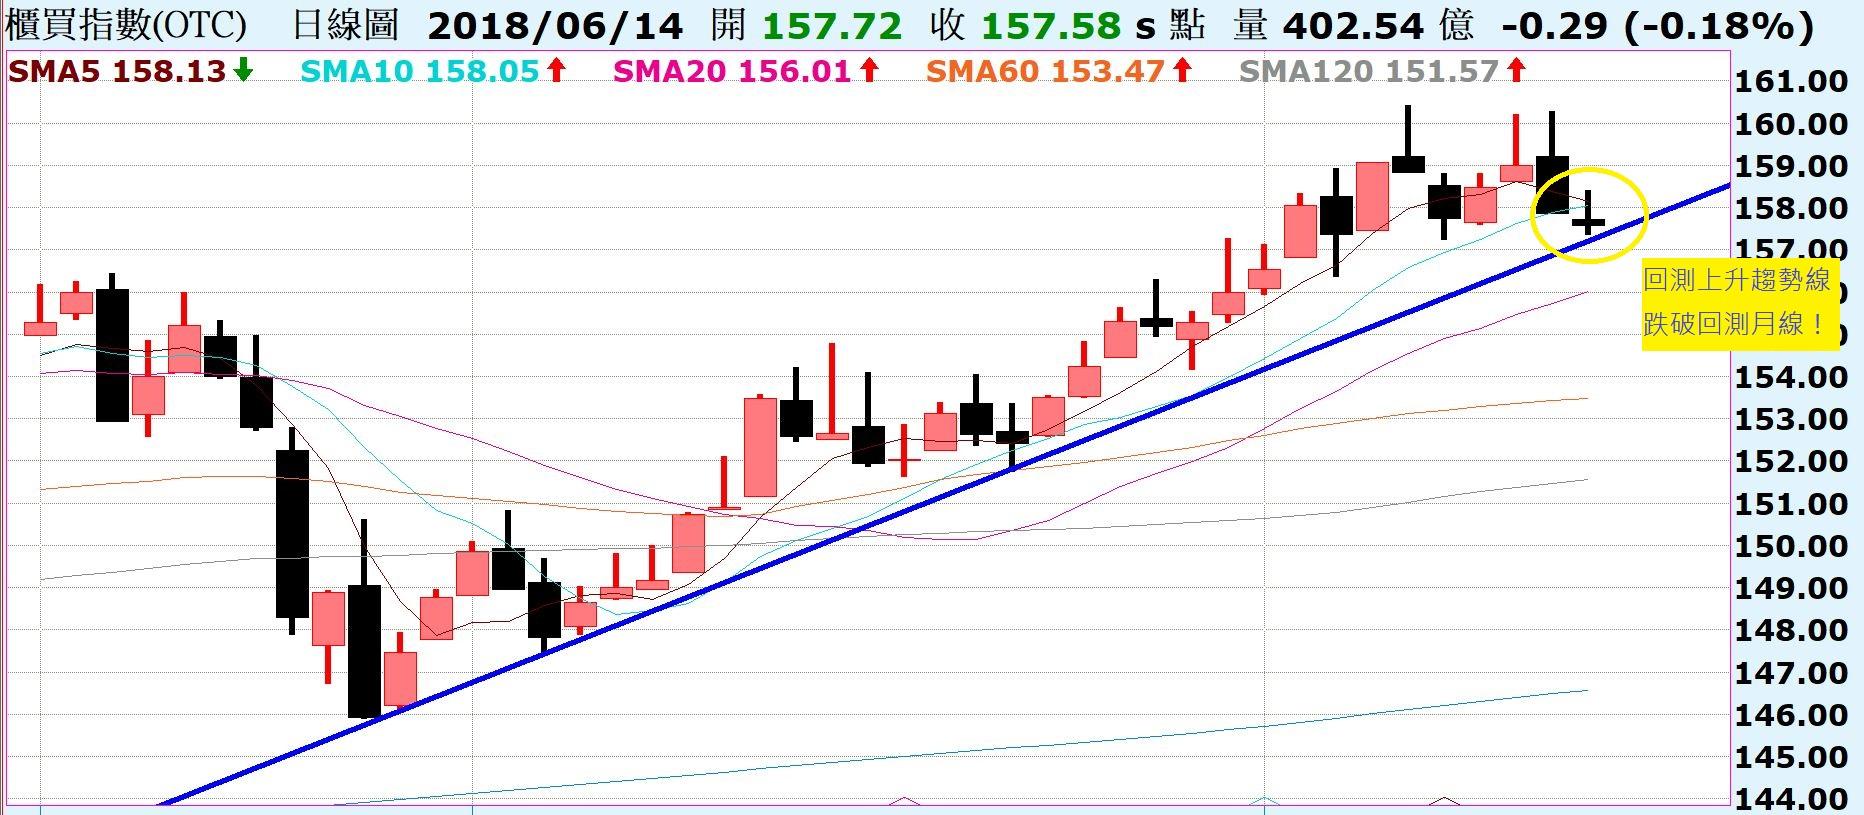 台股拉回整理,短空長多!陸股A50期貨形成三角收斂,近期有機會表態!_02